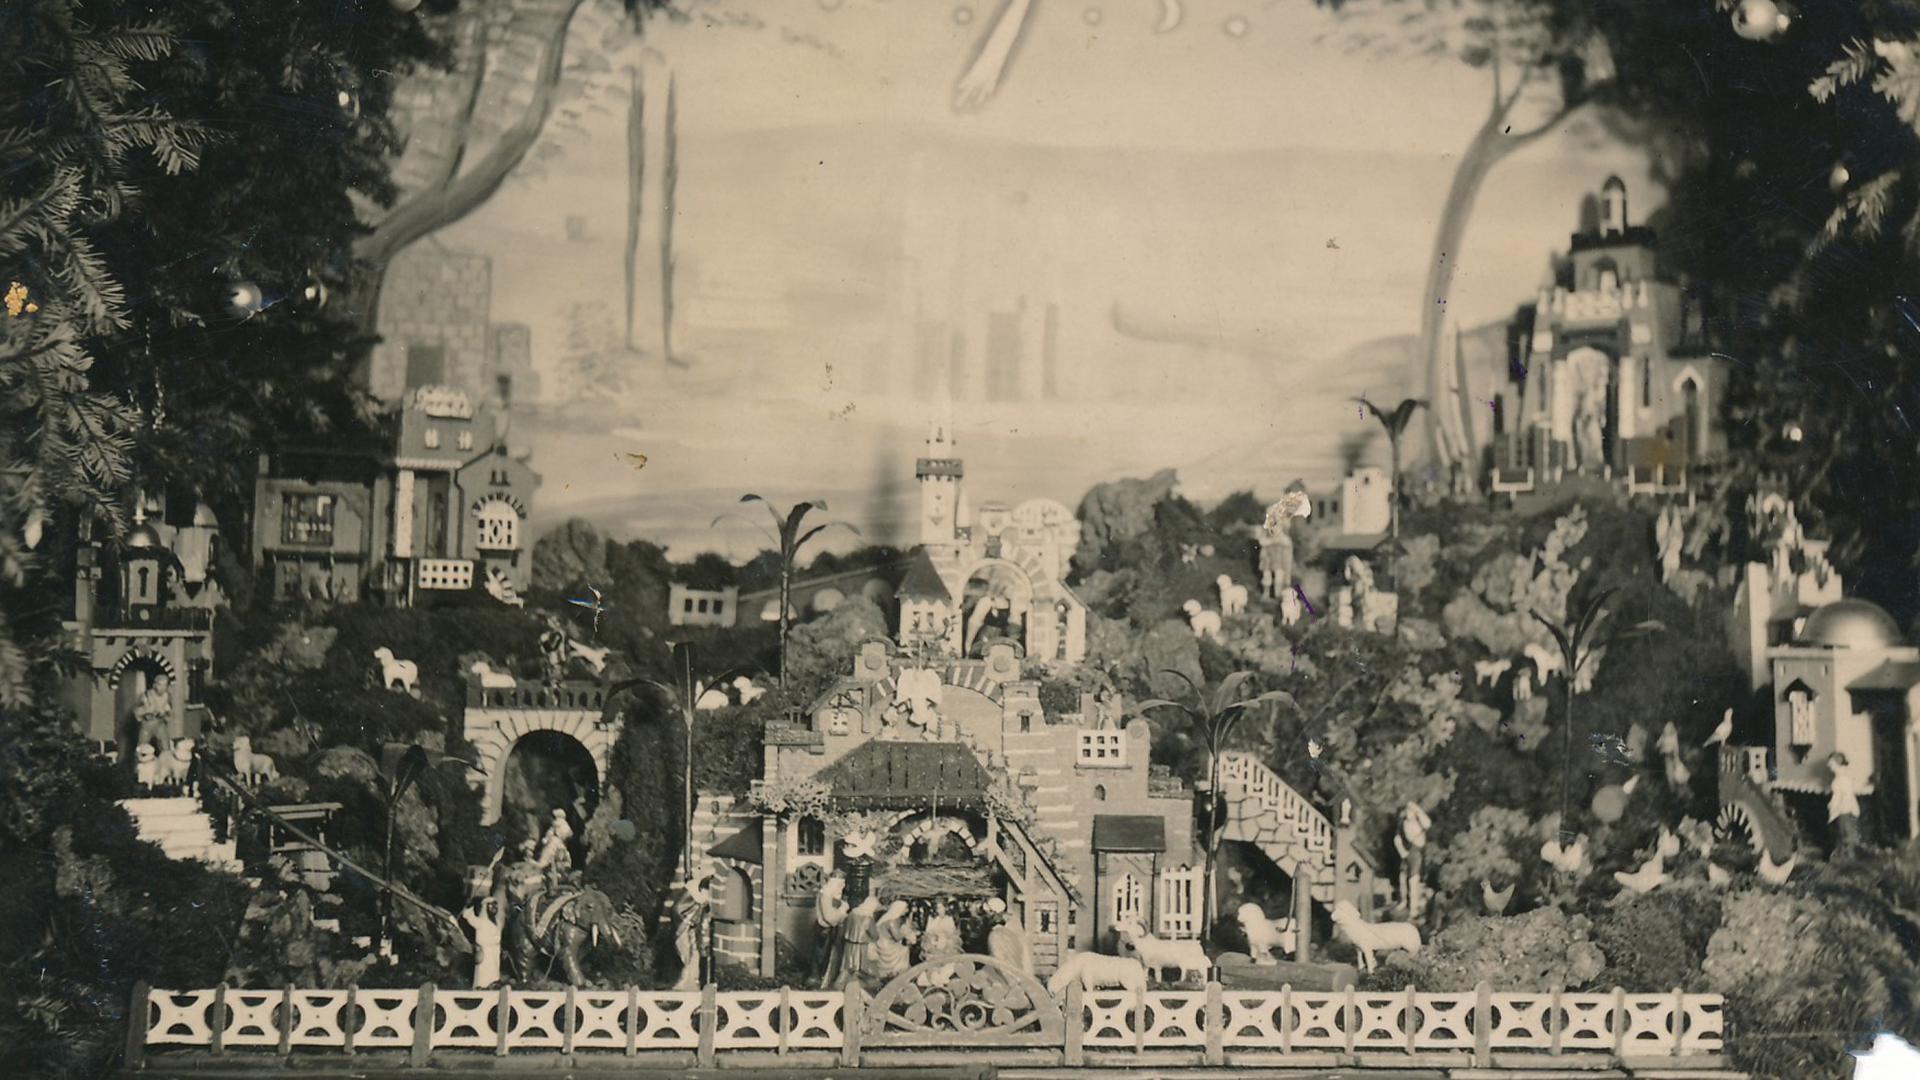 Große Weihnachtskrippe auf einer Bühne  mit orientalischen Gebäuden